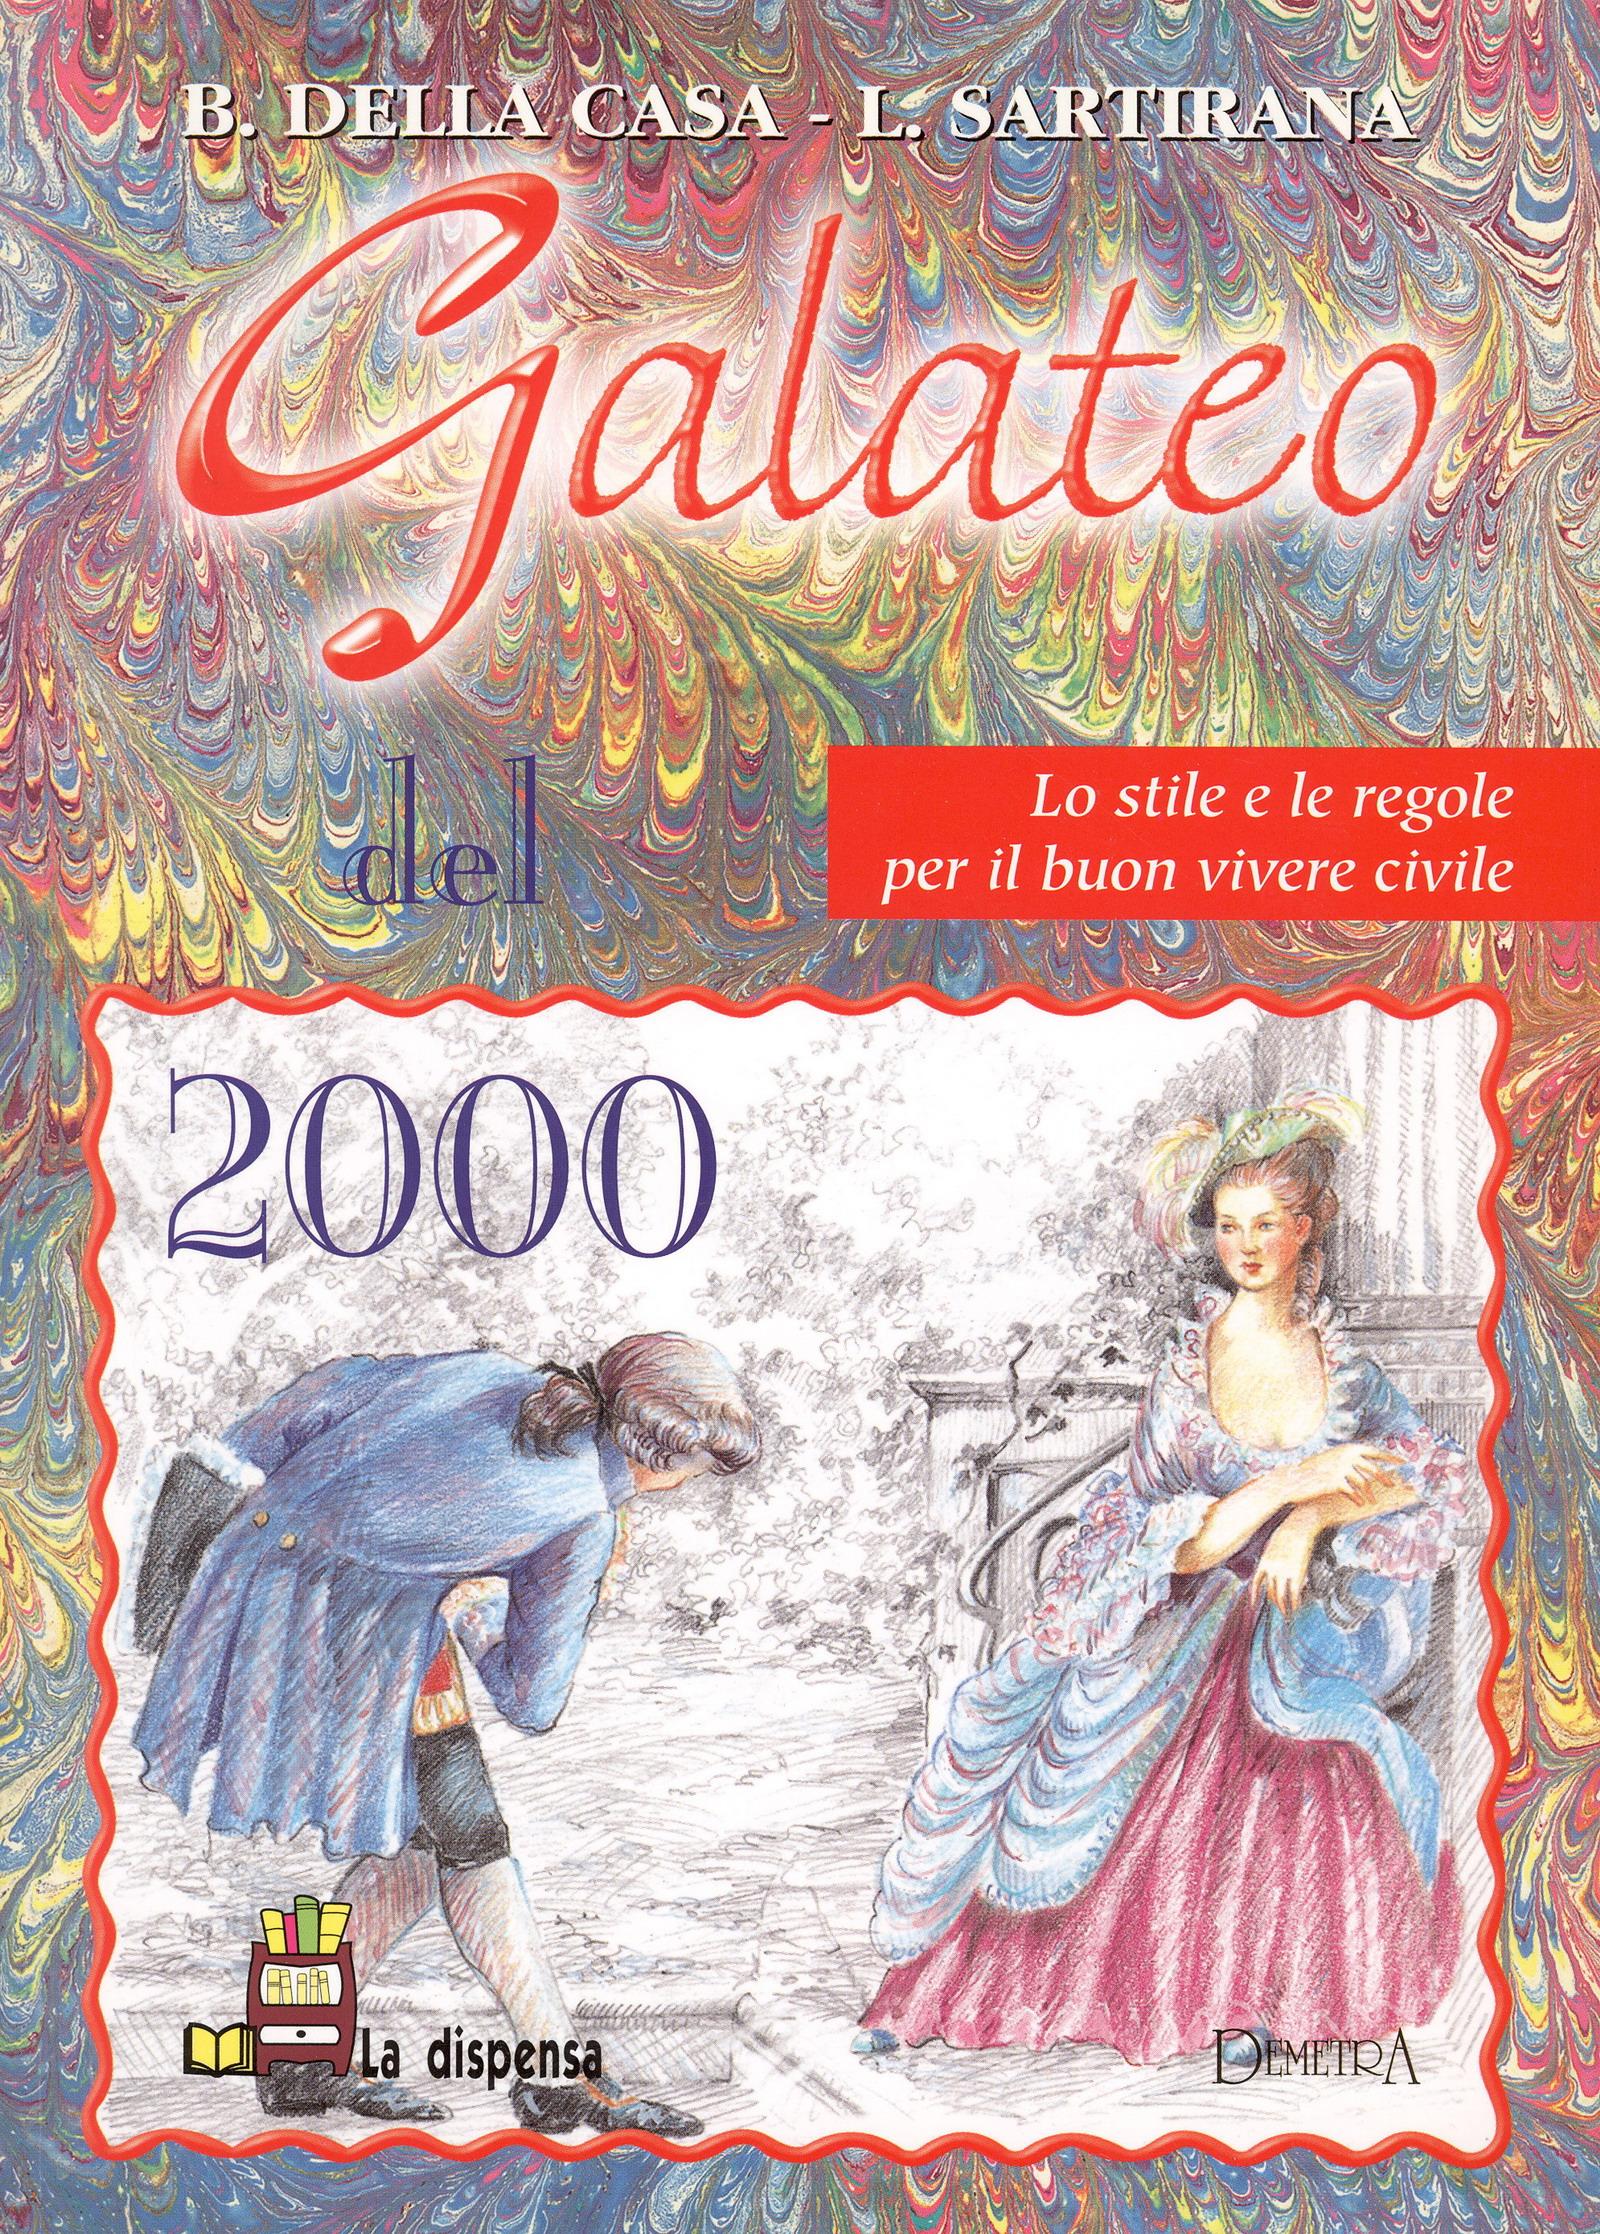 Galateo del 2000